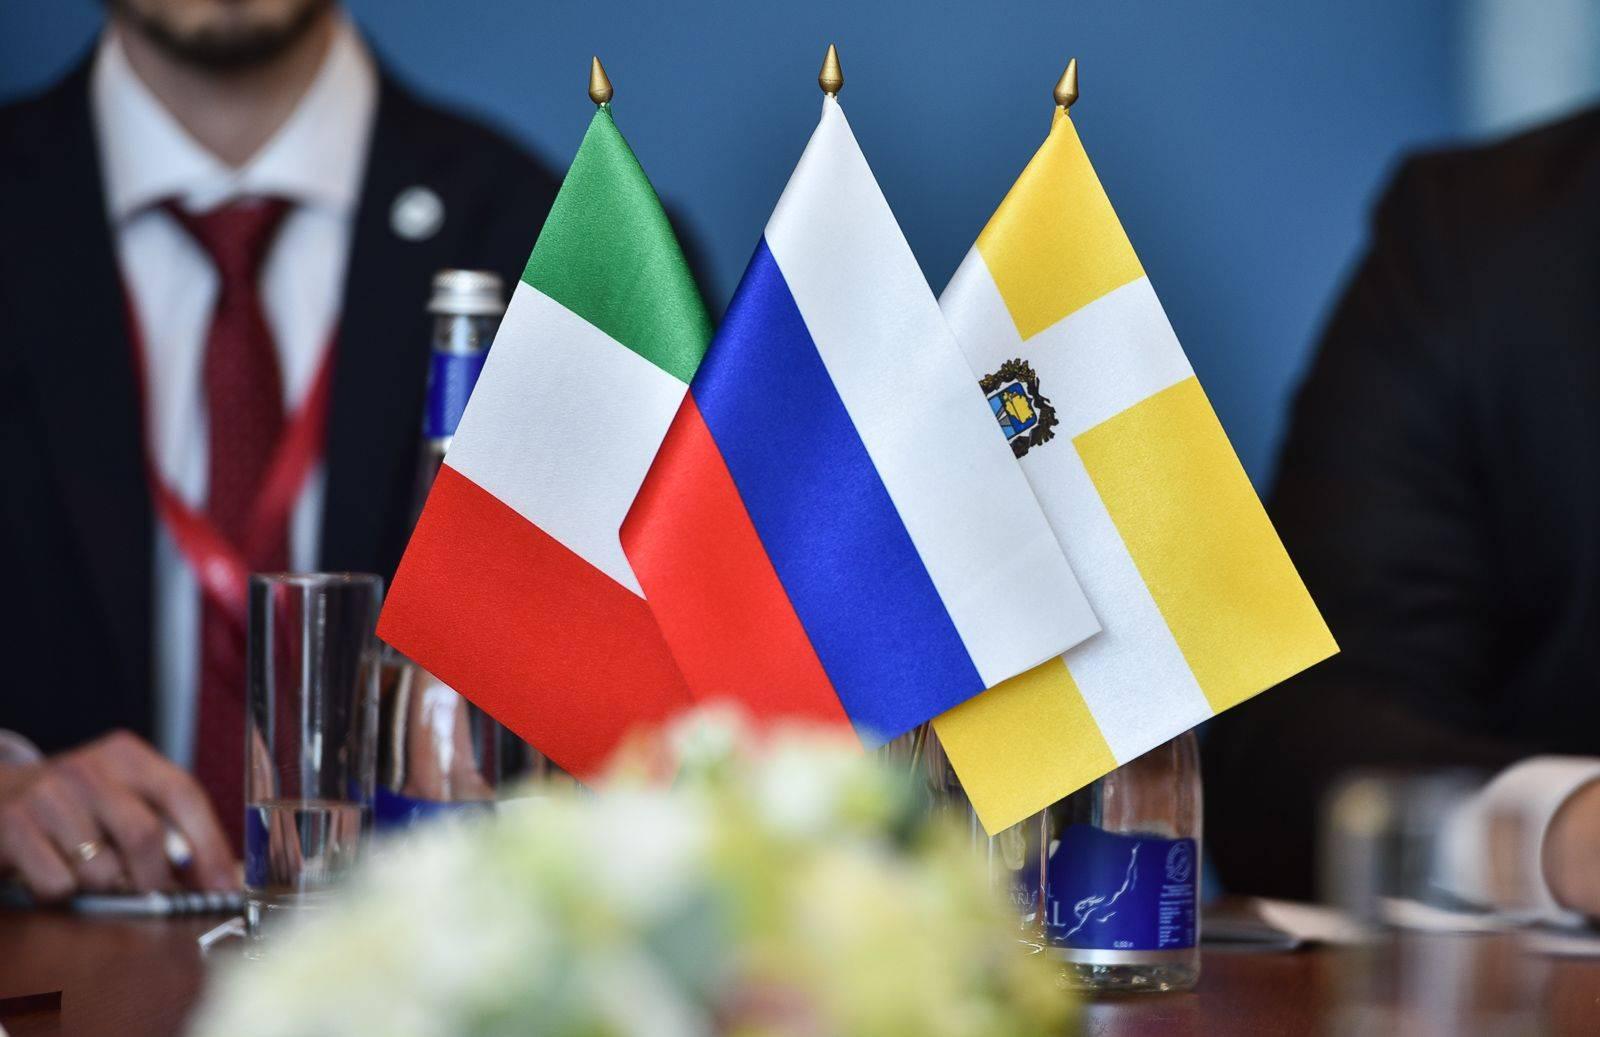 Бизнес во франции - как купить готовый или открыть с нуля русским, бизнес иммиграция, налоги, варианты инвестиций